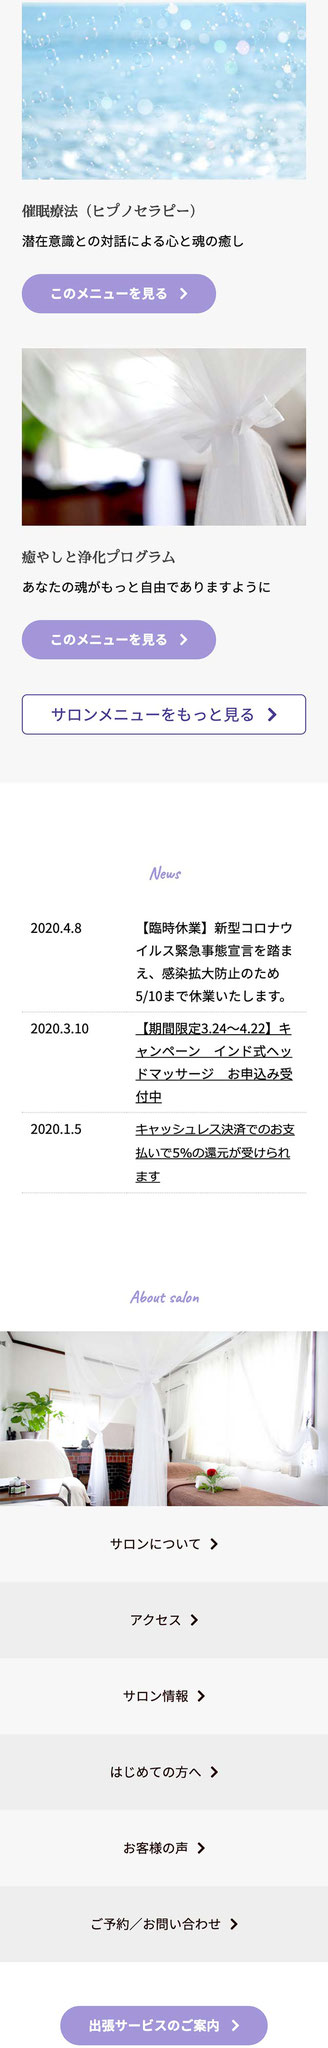 トップページのモバイル表示2